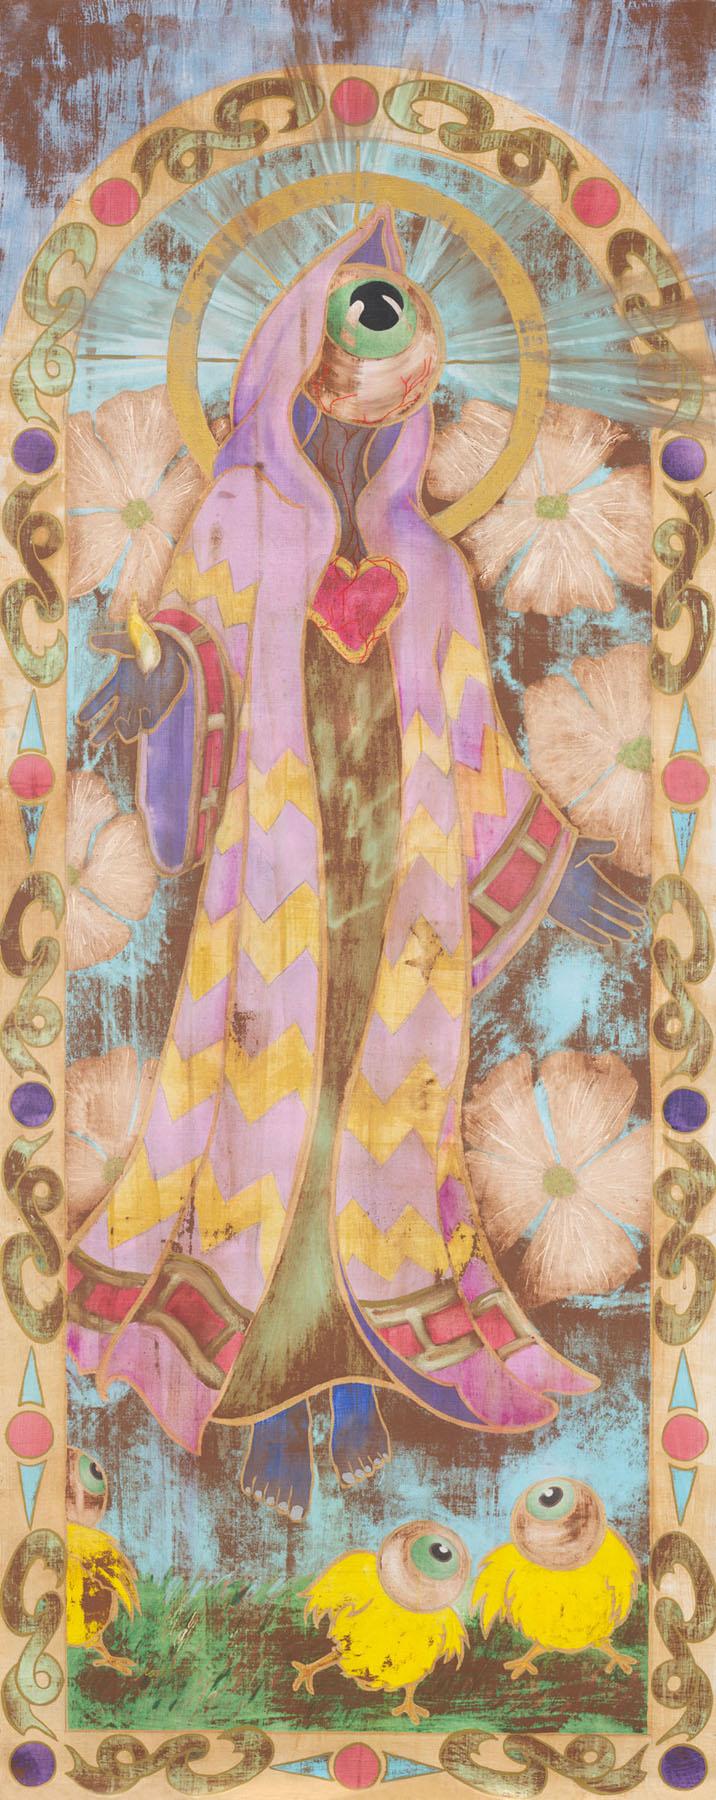 Roe LiBretto: The Purpose of Gods